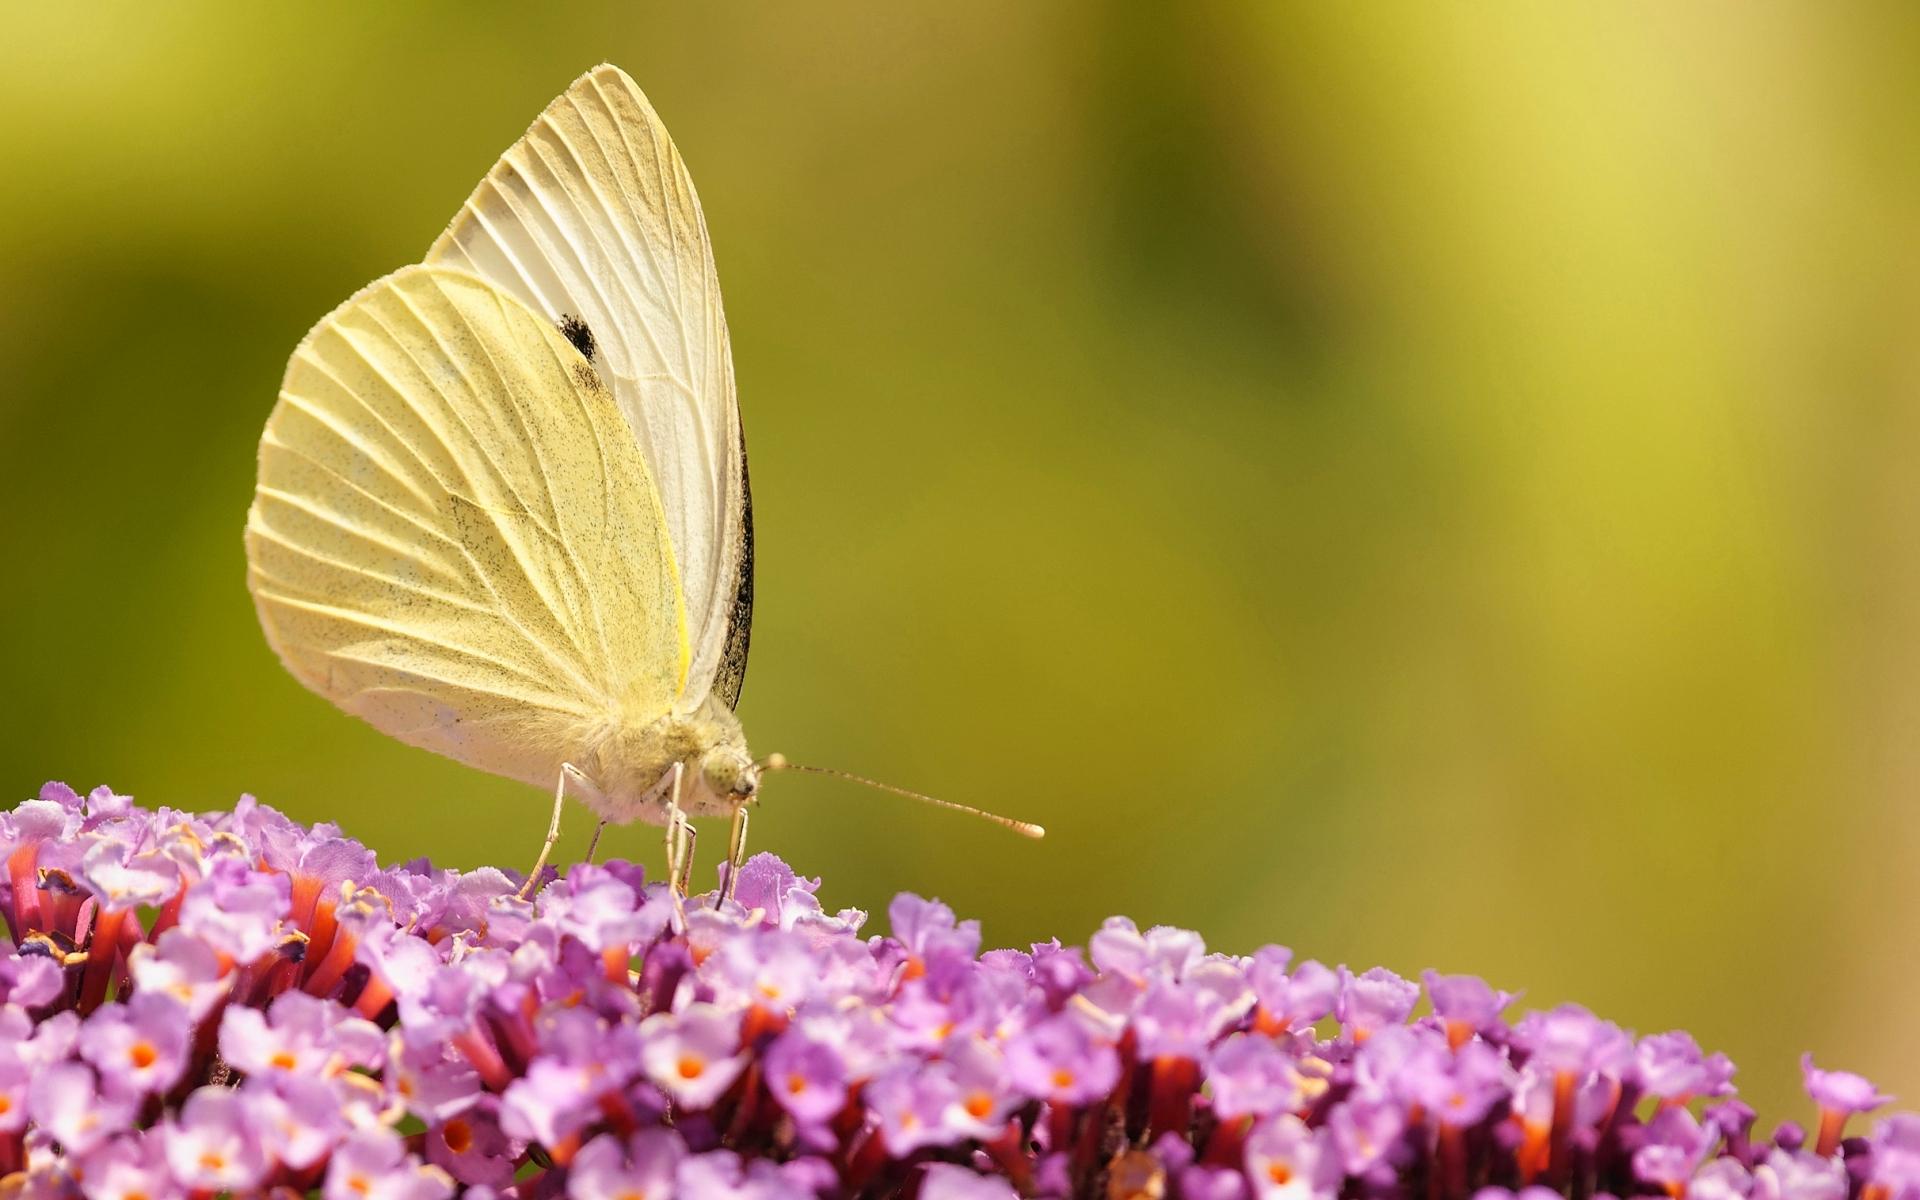 40134 Salvapantallas y fondos de pantalla Insectos en tu teléfono. Descarga imágenes de Mariposas, Insectos gratis